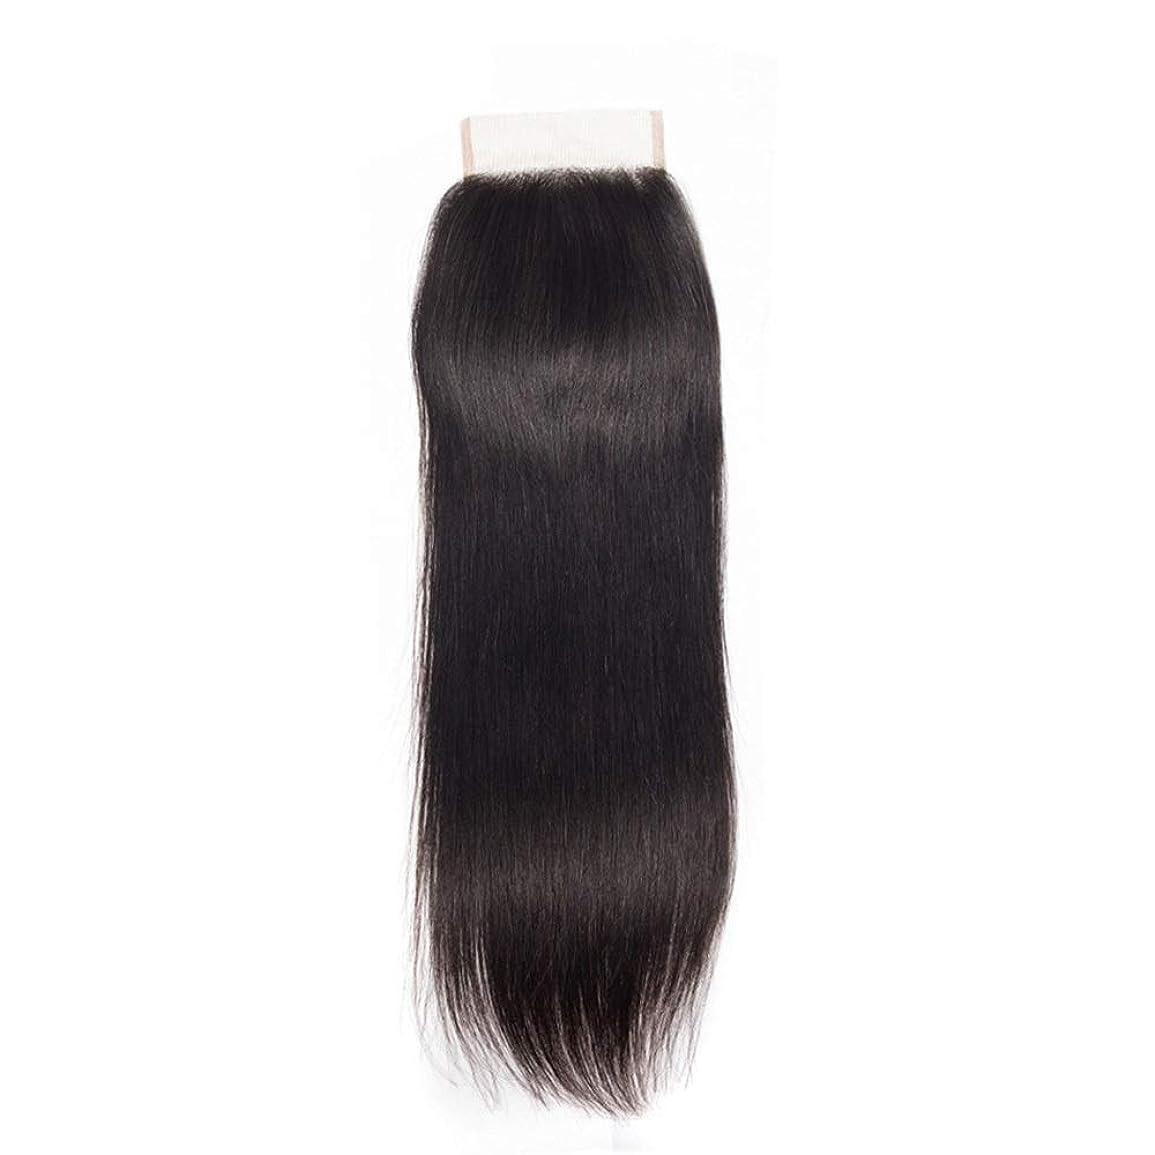 過言水没いつもHOHYLLYA 4×4フリーパートストレートレースの閉鎖ブラジルのバージンレミー人間の髪の毛の閉鎖ナチュラルカラーロールプレイングかつら女性の自然なかつら (色 : 黒, サイズ : 16 inch)